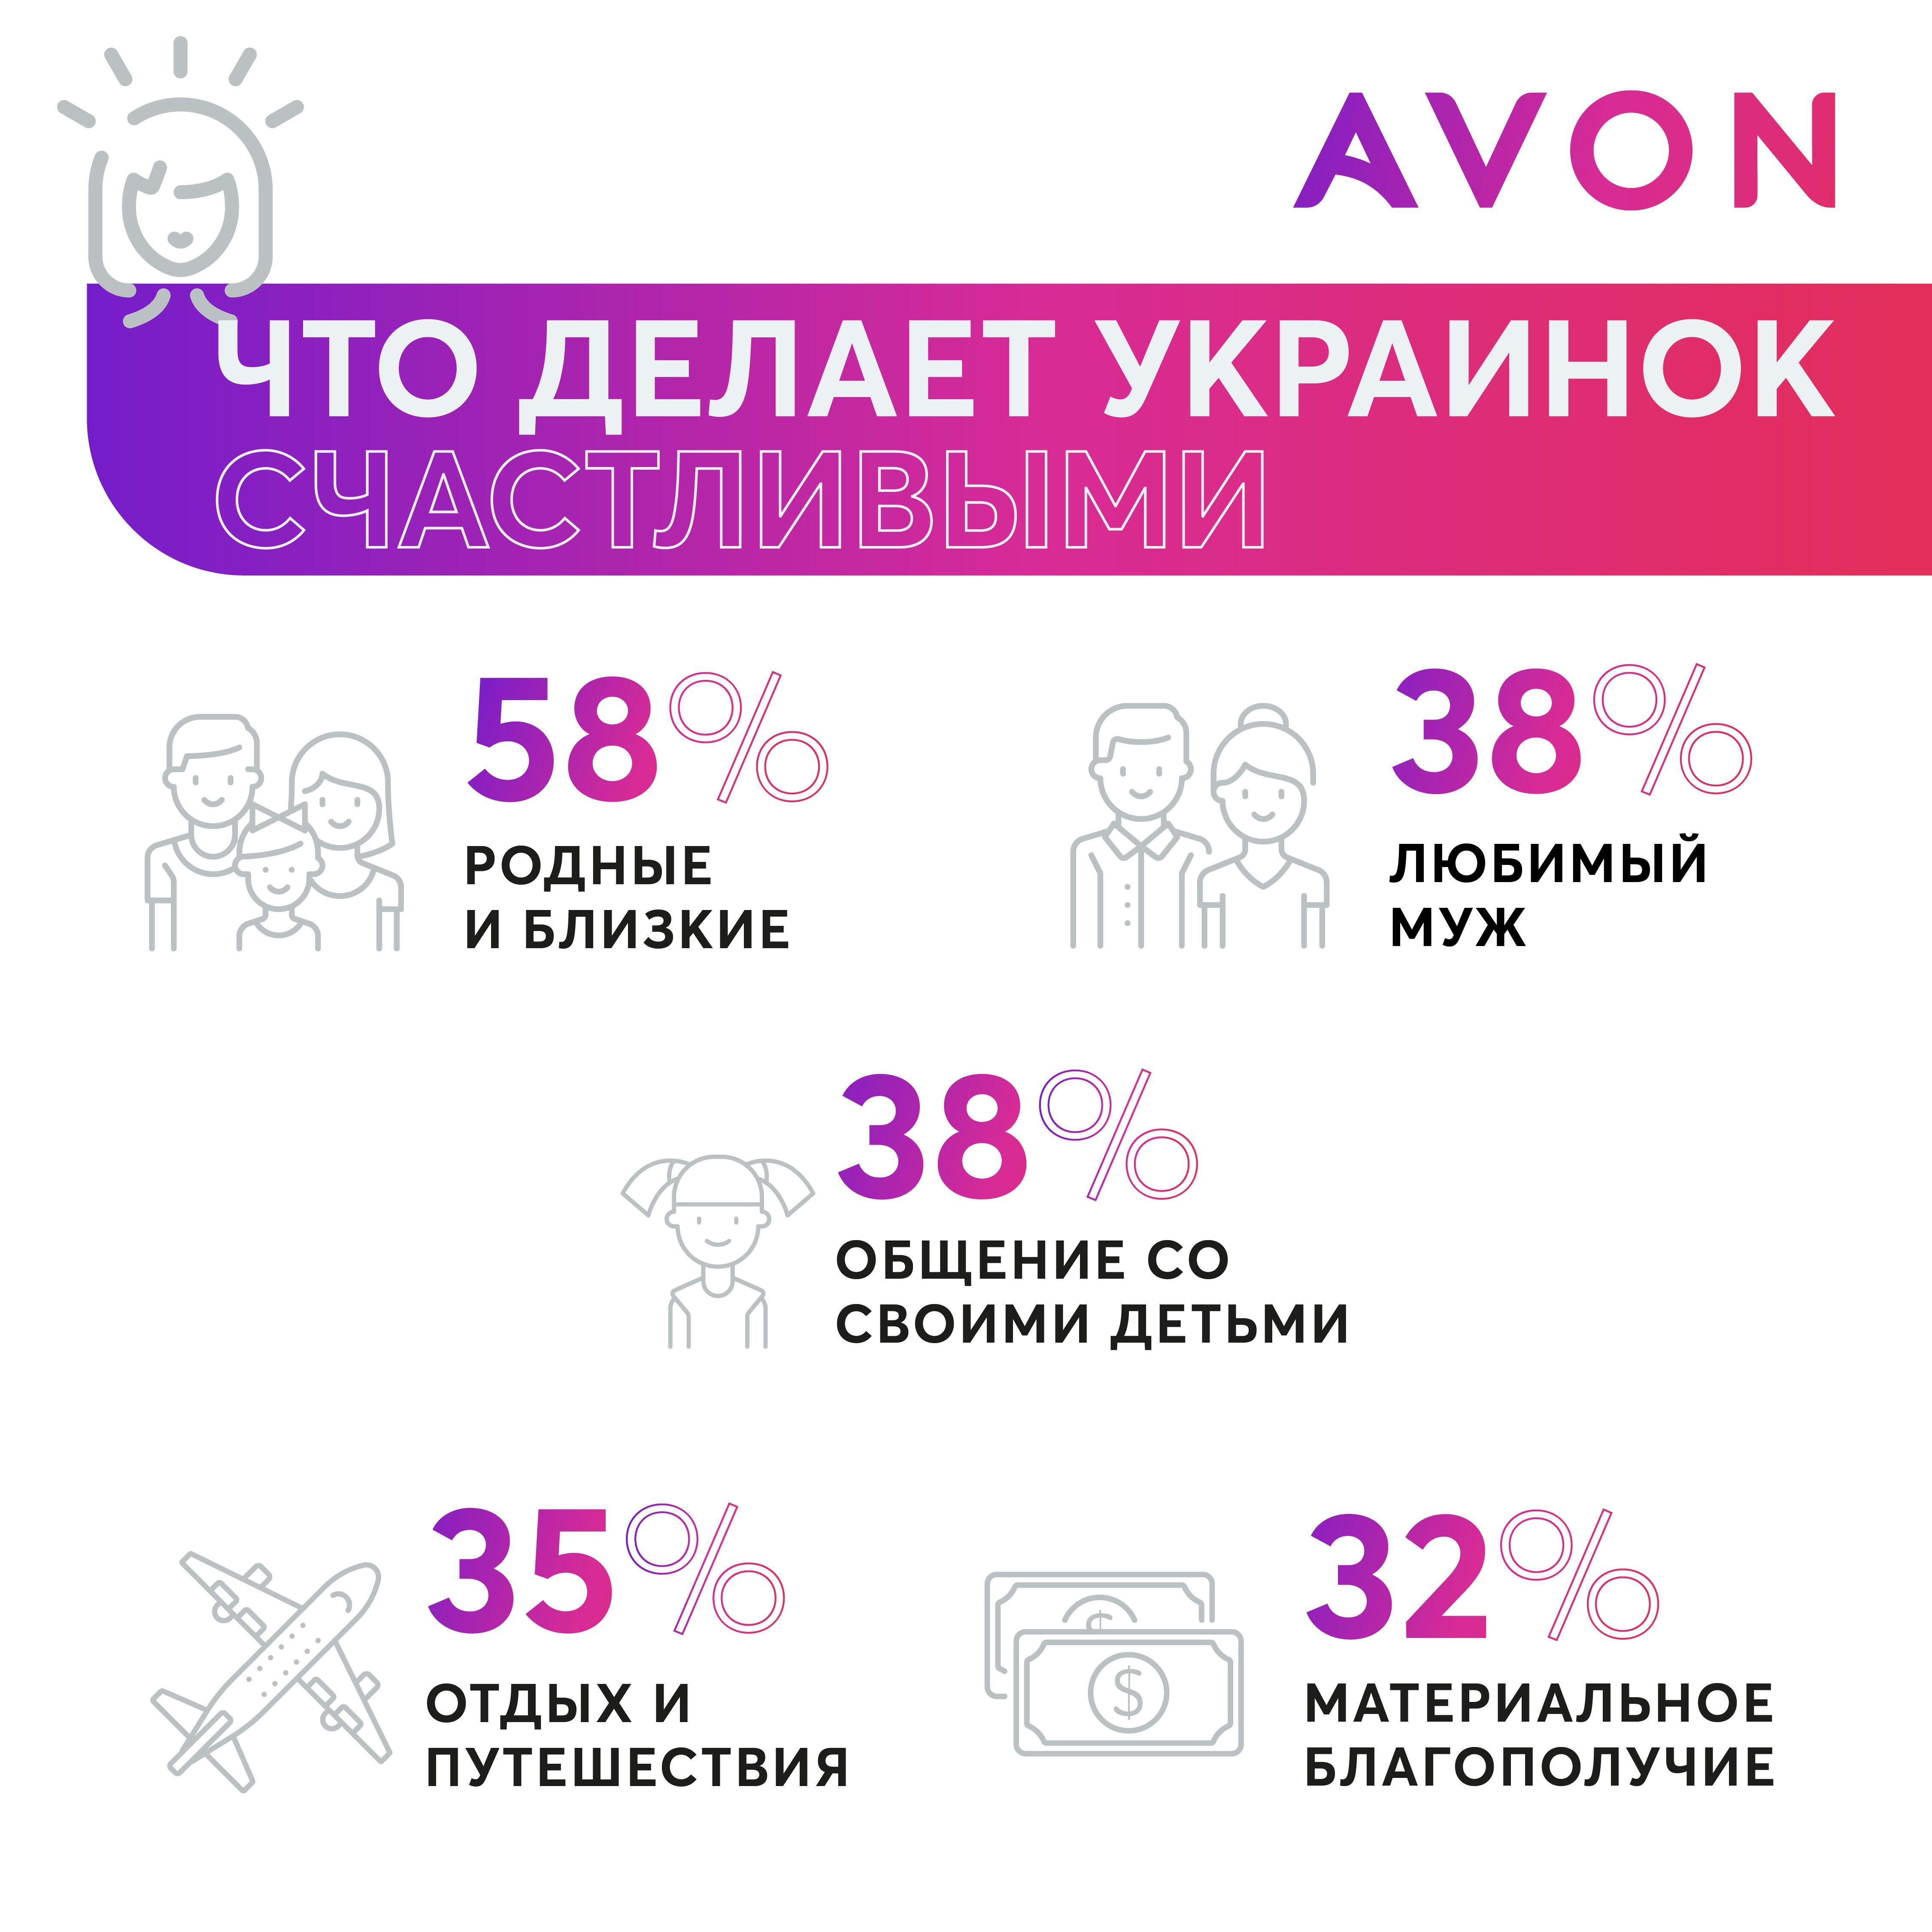 Avon інфографіка ру_2